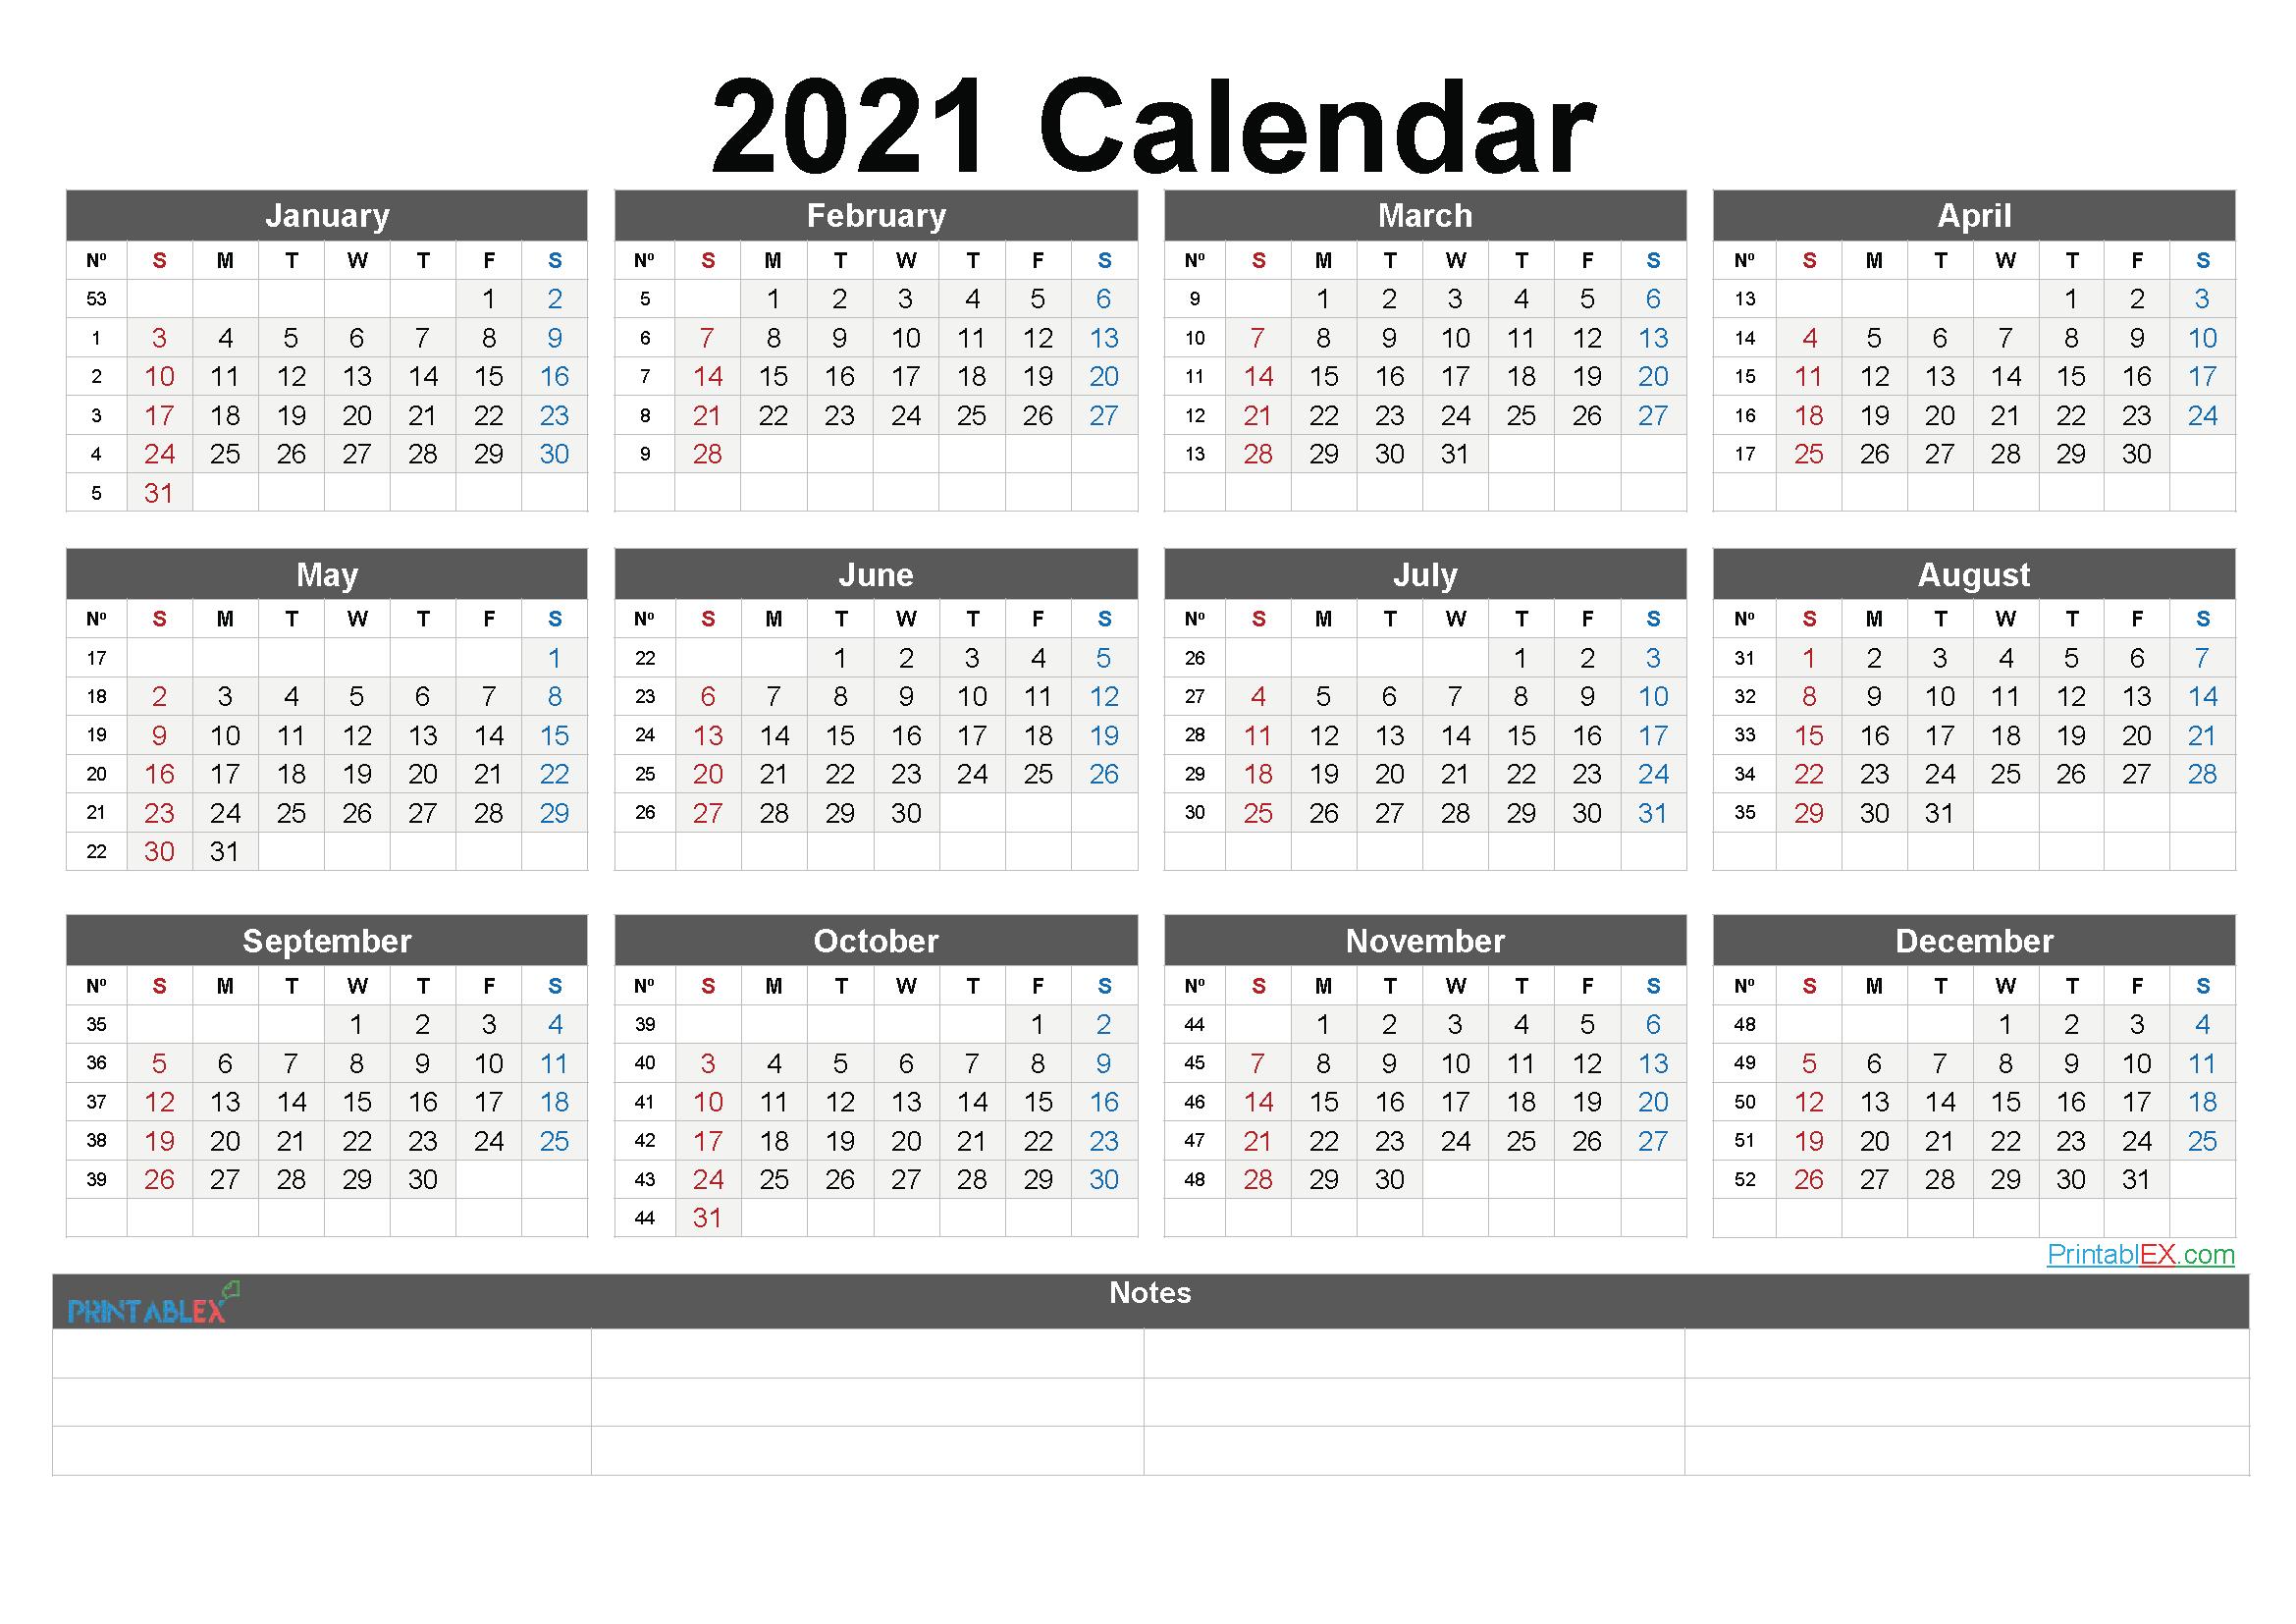 Calendar 2021 Weeks - United States Map Weekly Numbered 52 Week Calendar Printable